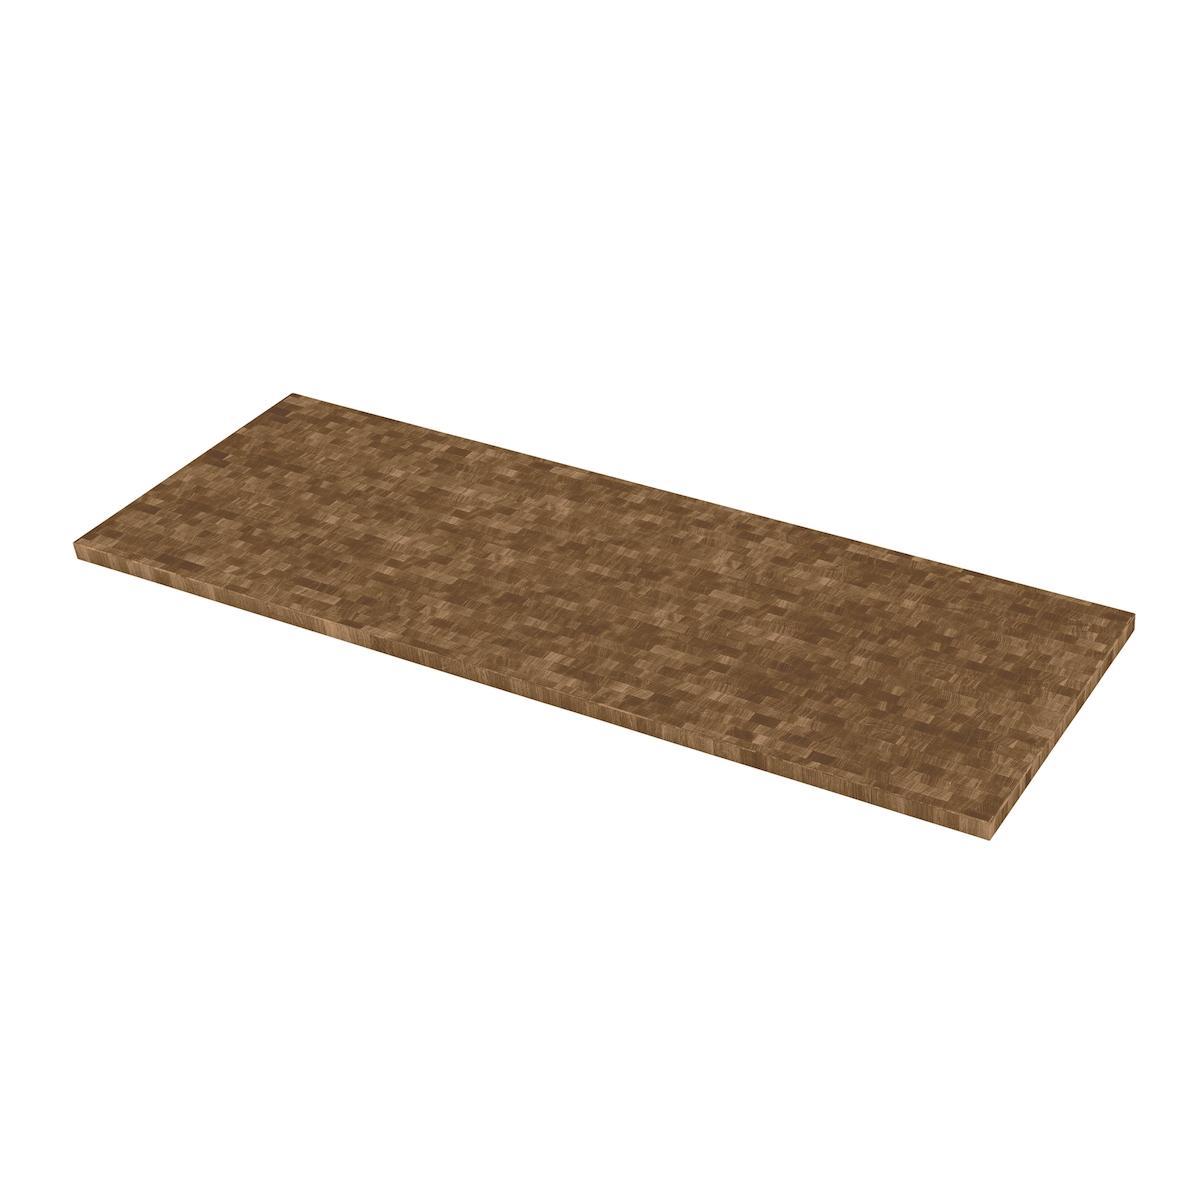 Blat kuchenny drewniany dąb